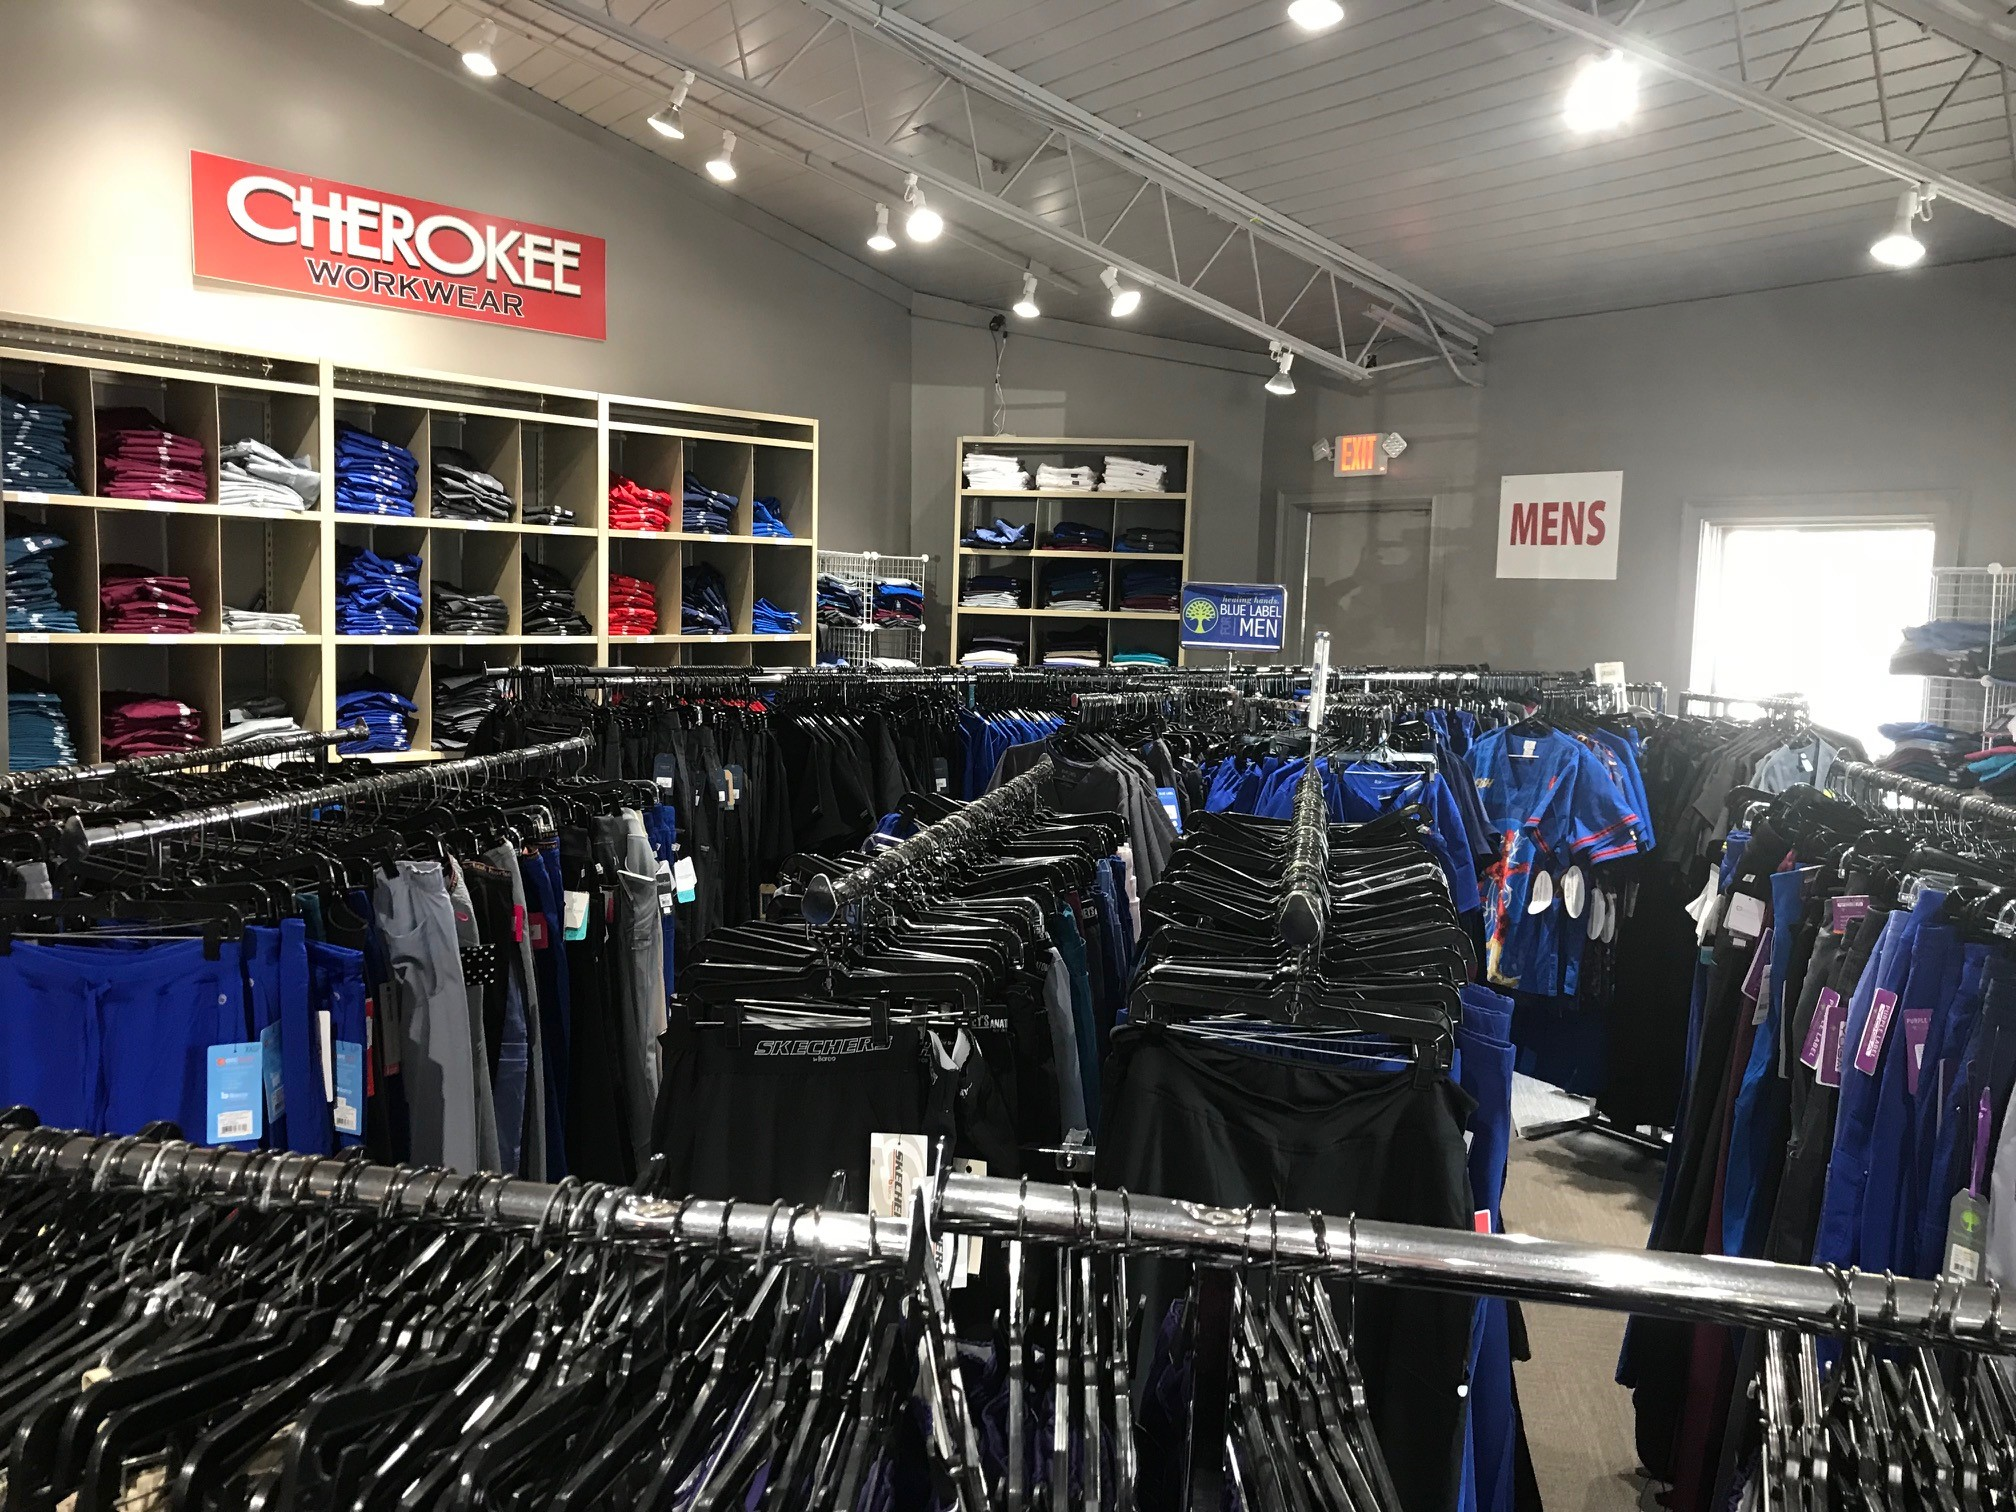 Dupont Circle Cardinal Uniforms & Scrubs Mens Area